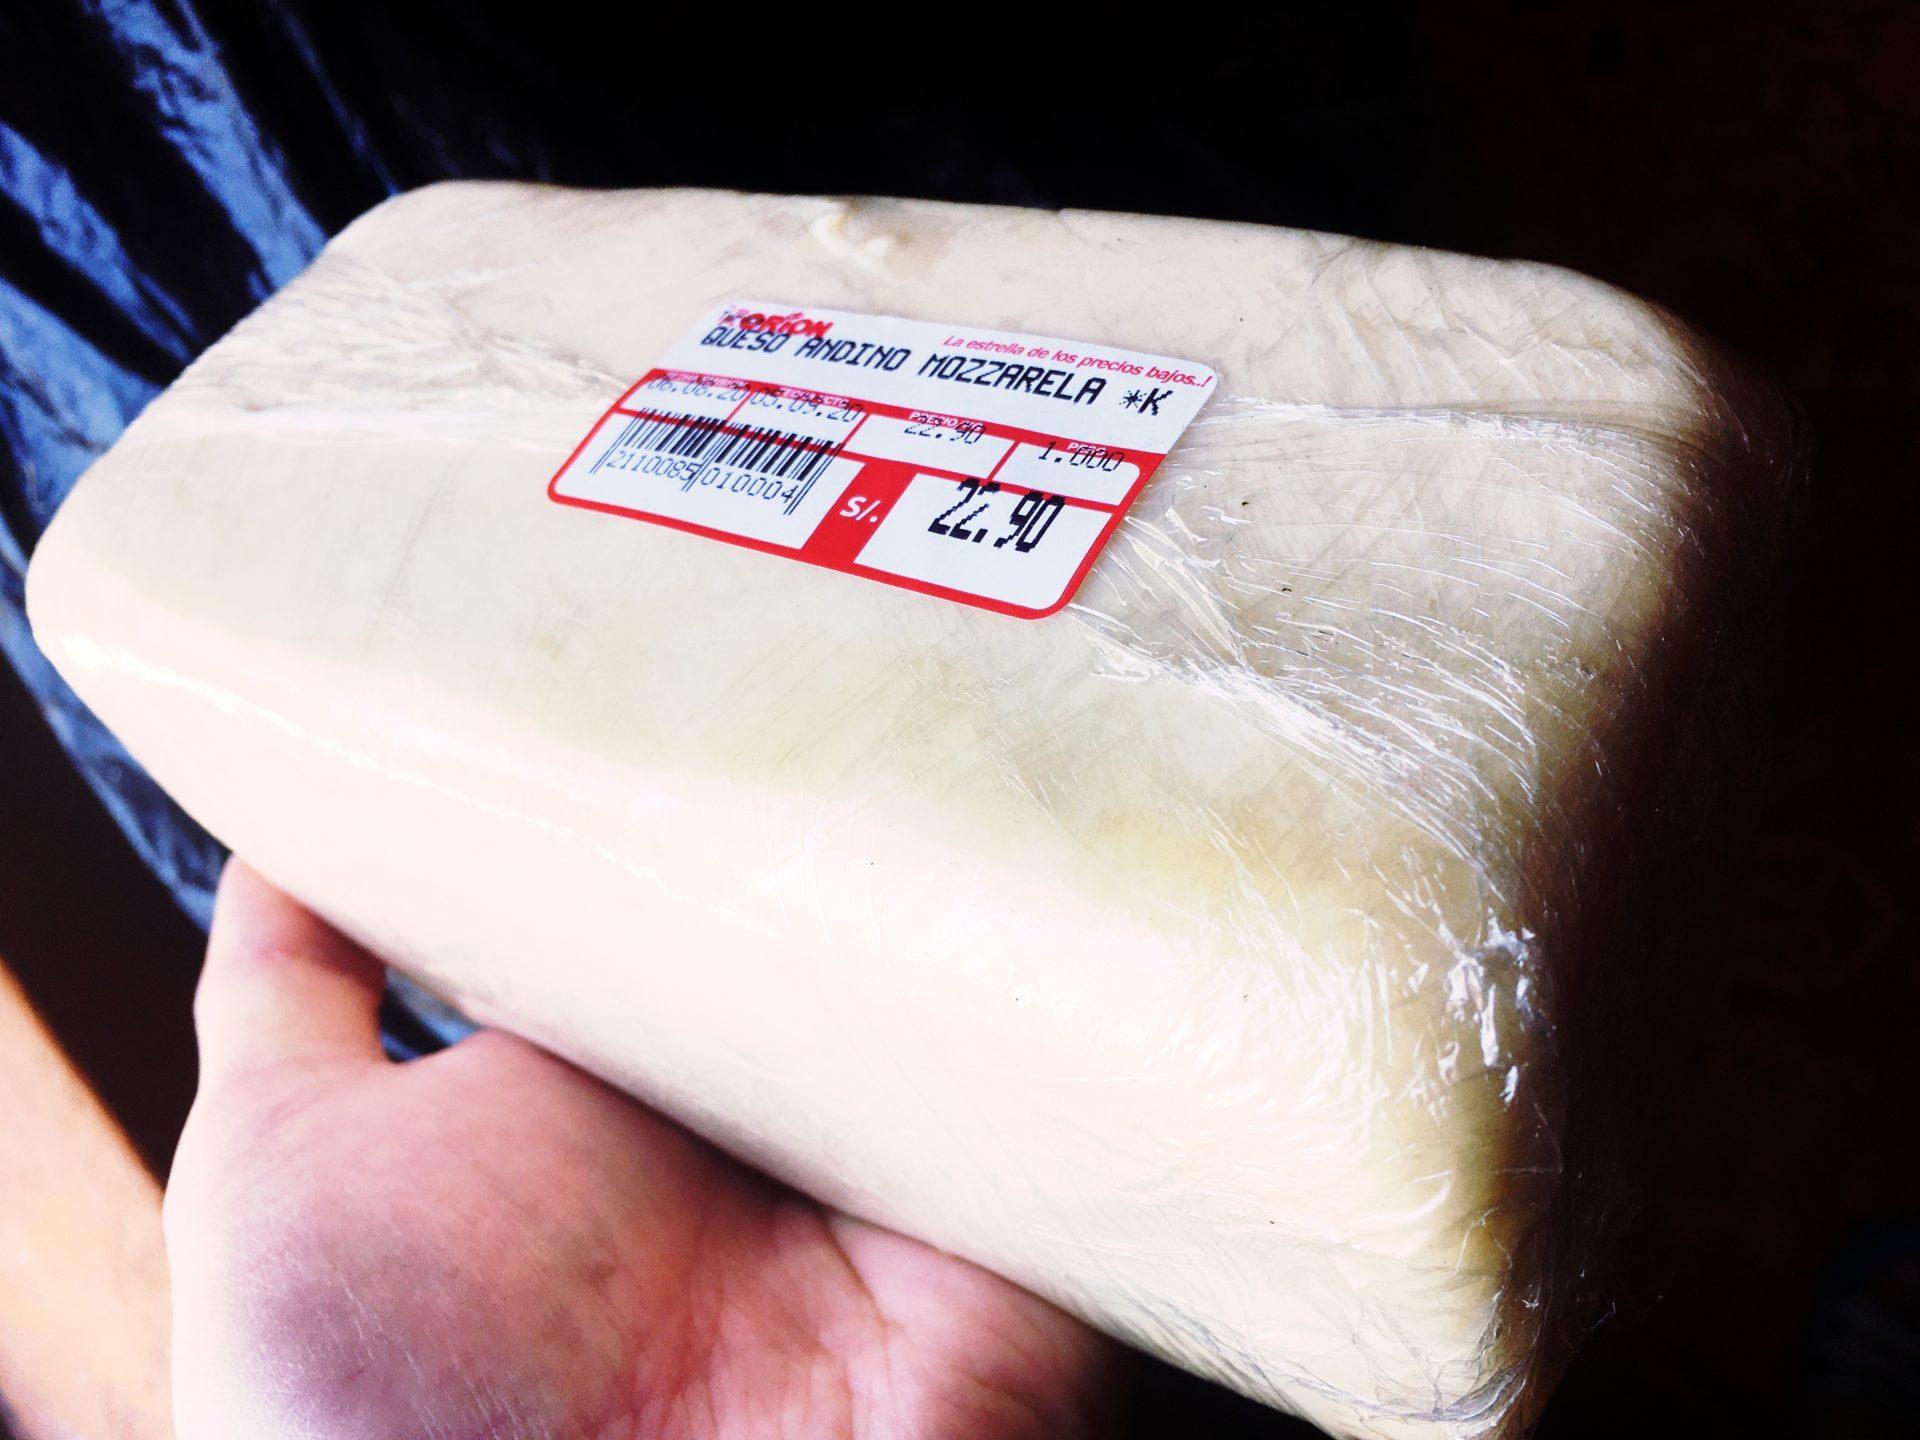 アンデス, チーズ, モッチャレラ, 南米, ペルー